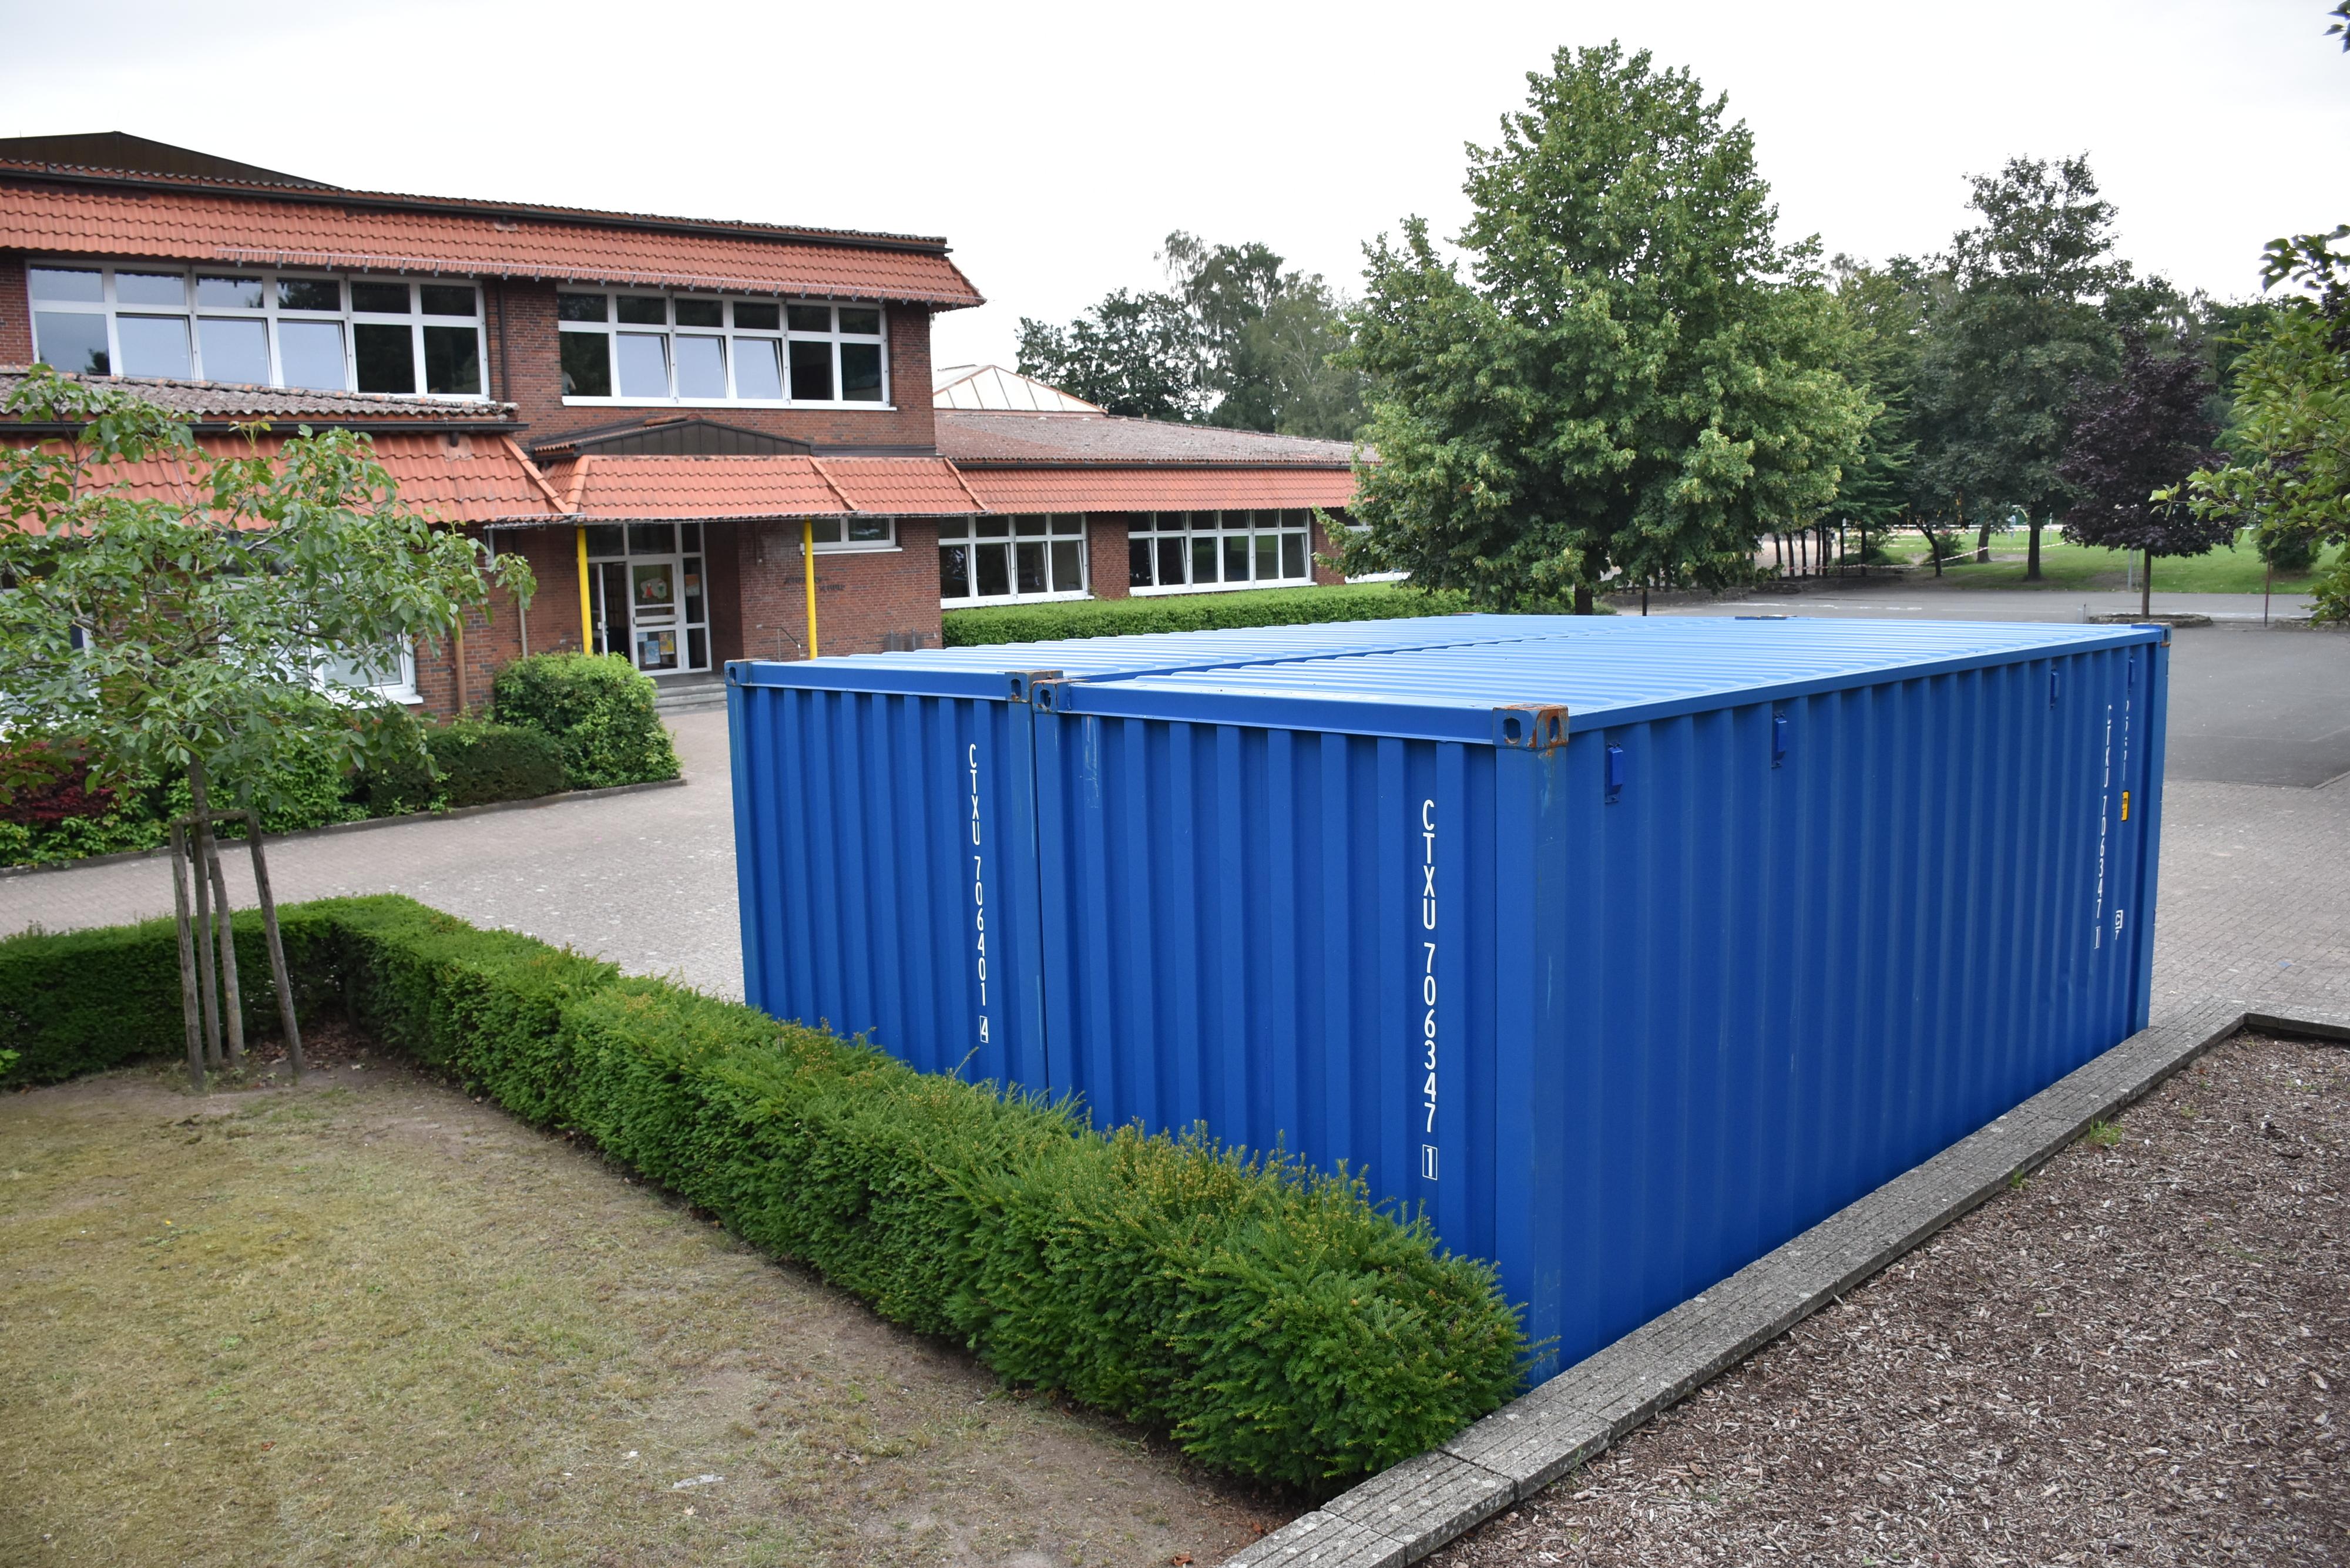 Bereits seit Dienstagmorgen stehen zwei blaue Container auf dem Schulgelände (Richtung: Bushaltestelle). Dabei handelt es sich um Module zur Einlagerung von Schulmaterialien. Foto: Timphaus